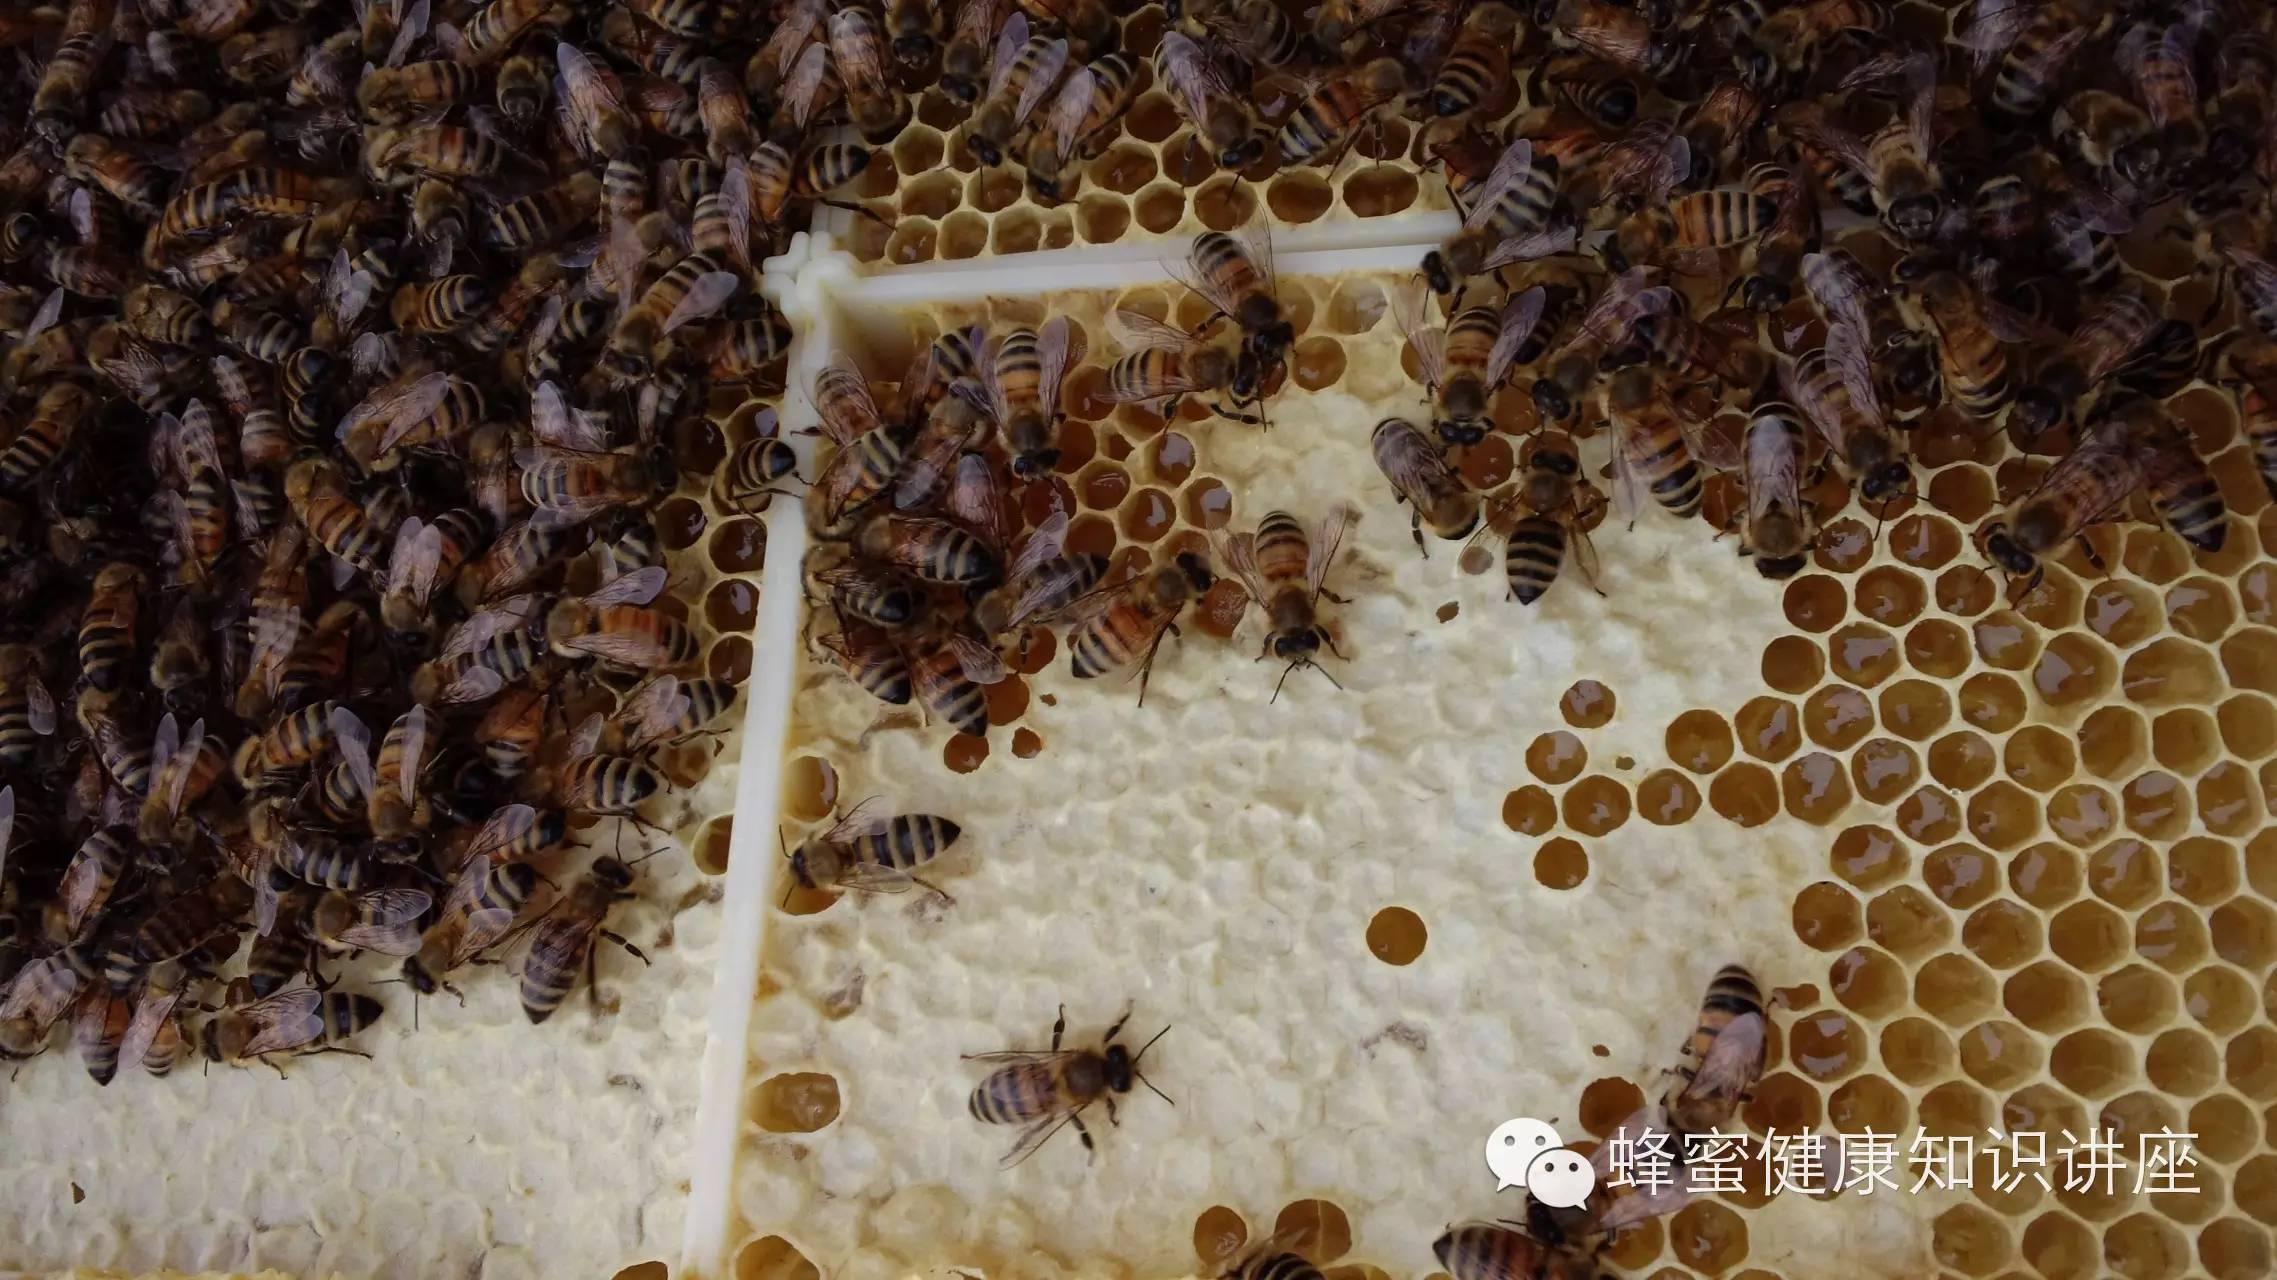 徐州蜂蜜 开蜂蜜店 风热感冒蜂蜜 蜂蜜燕麦饼干无面粉 蜂蜜酸枣仁粉